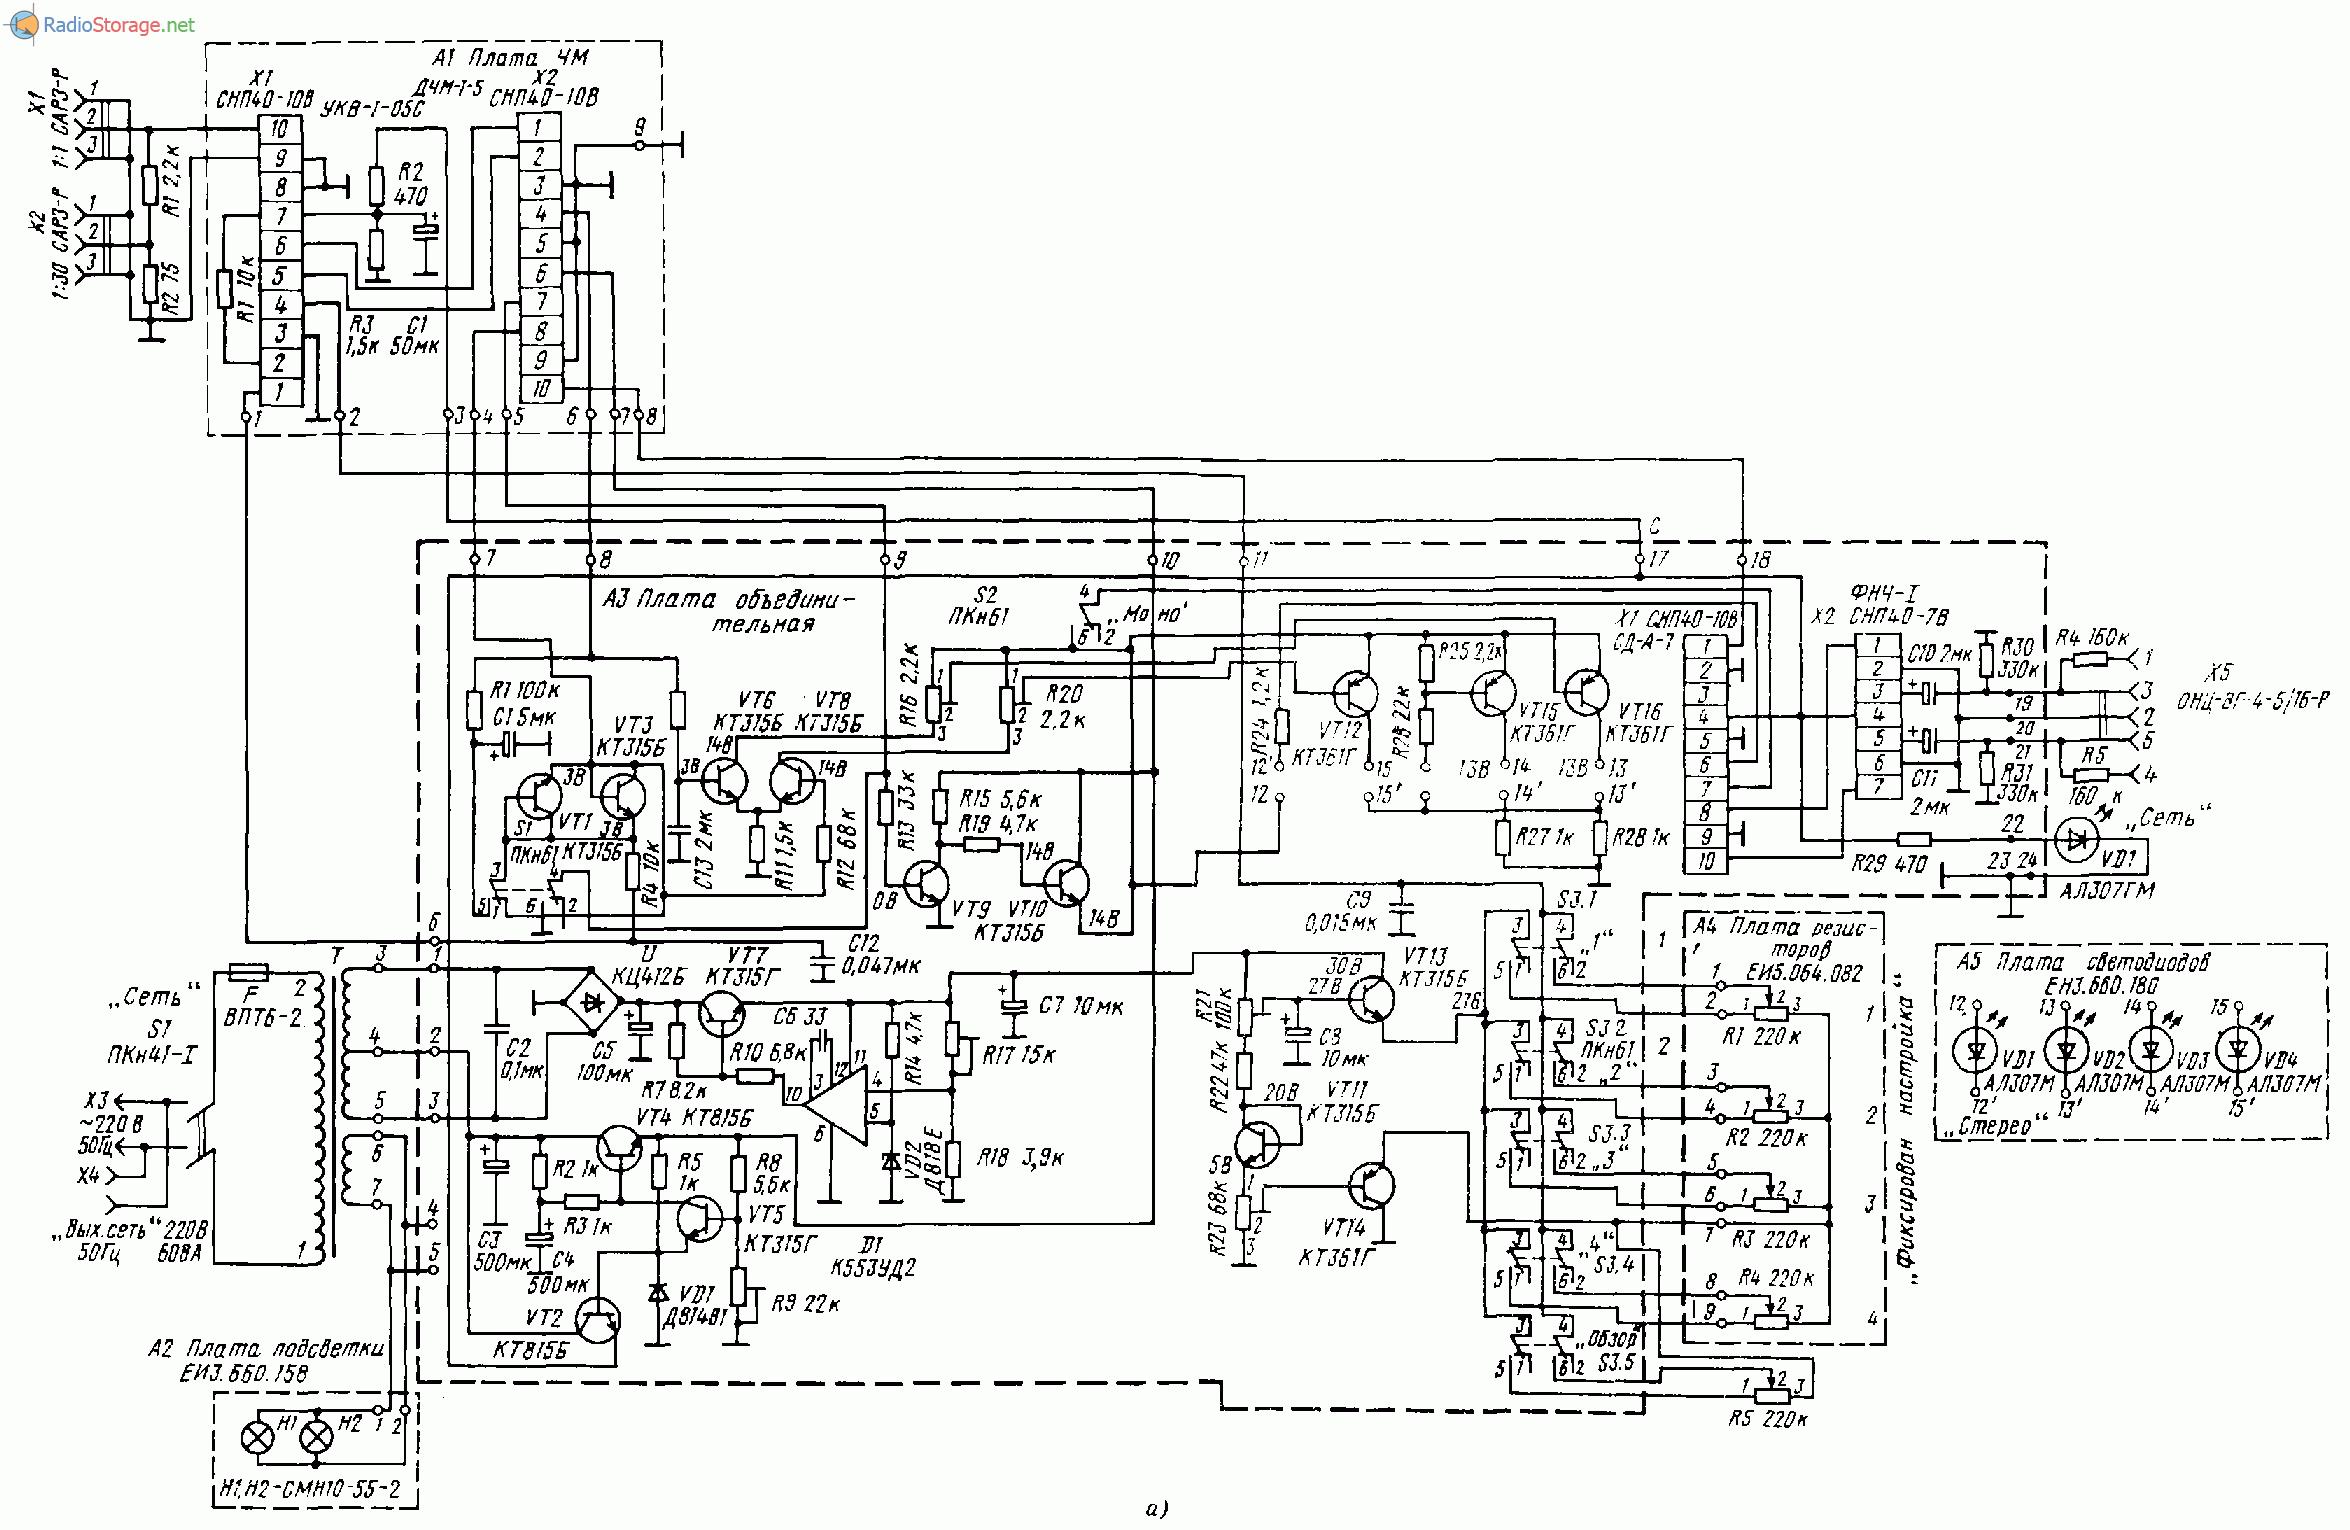 Блок питания магнитофона схема фото 71